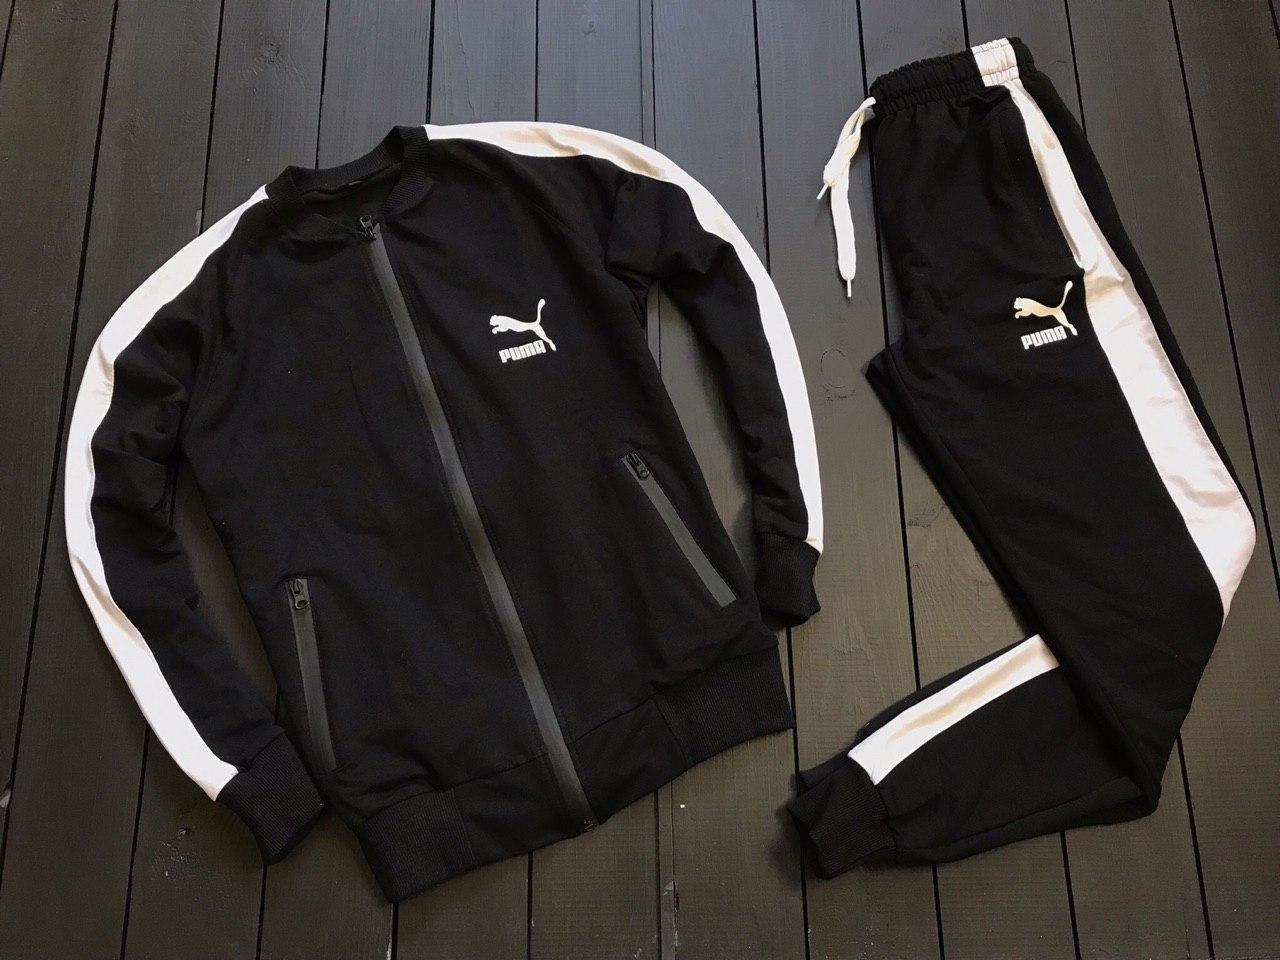 e5cabffe0209 Мужской спортивный костюм пума/Puma с лампасами/полосками без  капюшона/бомбер, реплика